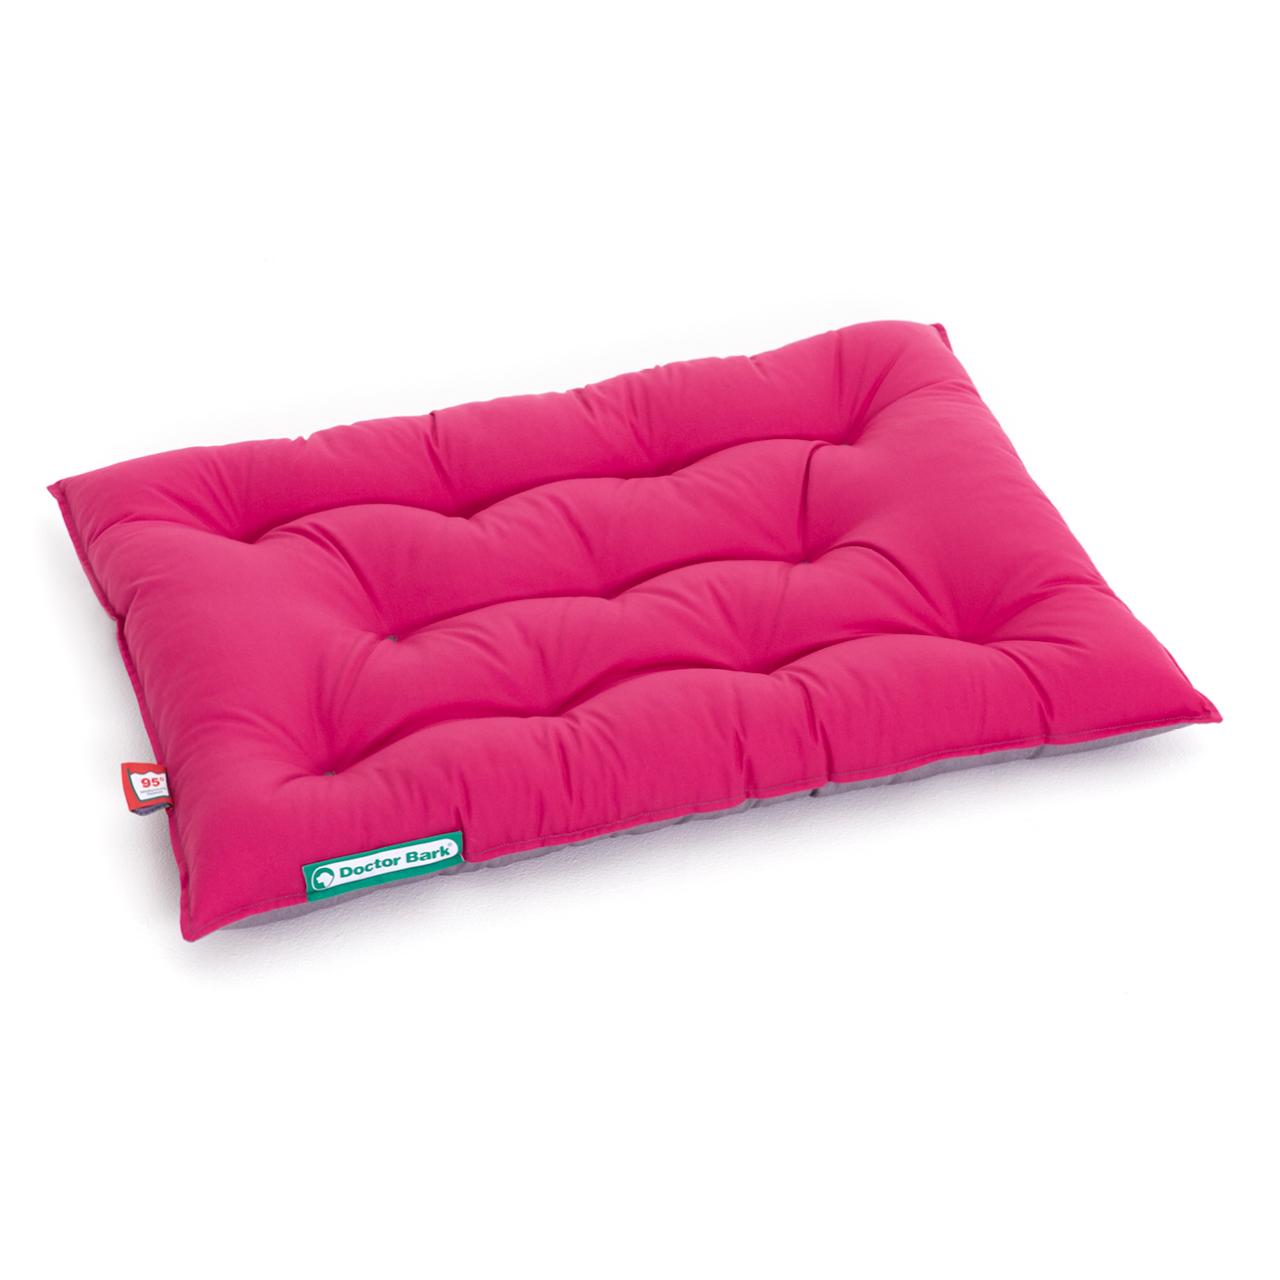 Hundekissen URBAN platingrau - hot pink M